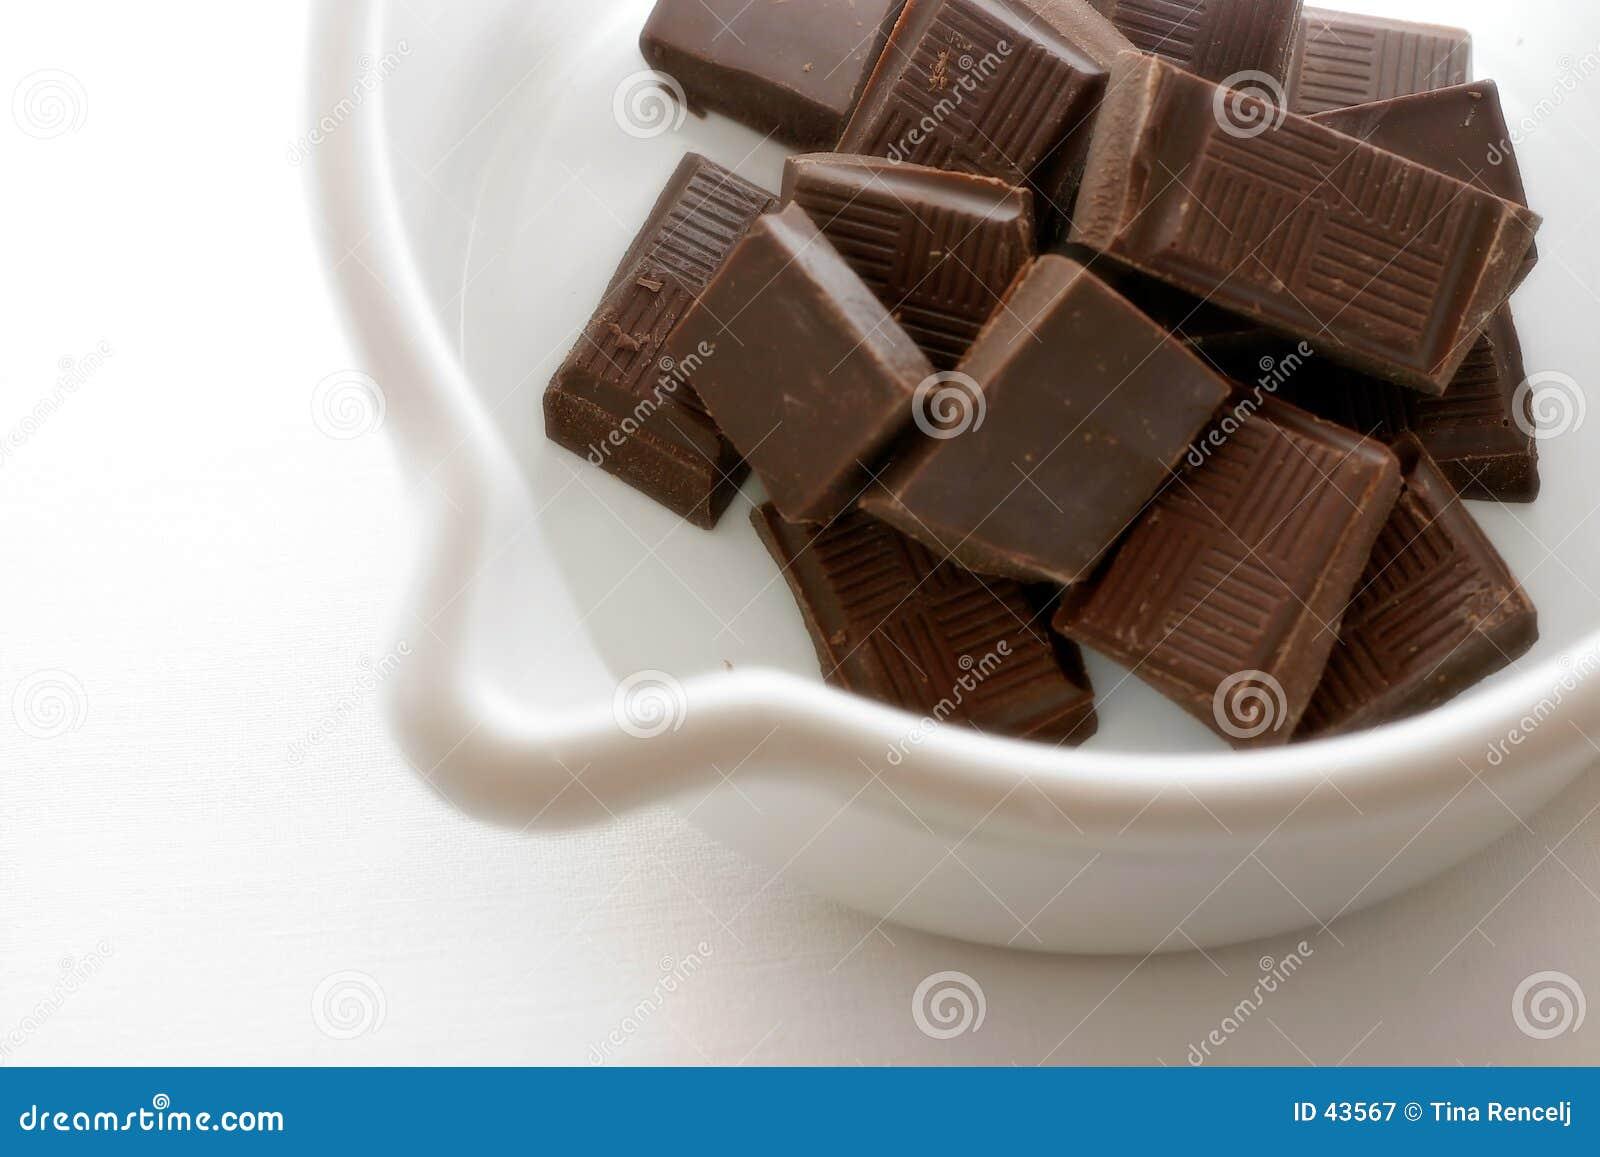 Download Preparación Del Chocolate Caliente I Imagen de archivo - Imagen de postre, calorías: 43567